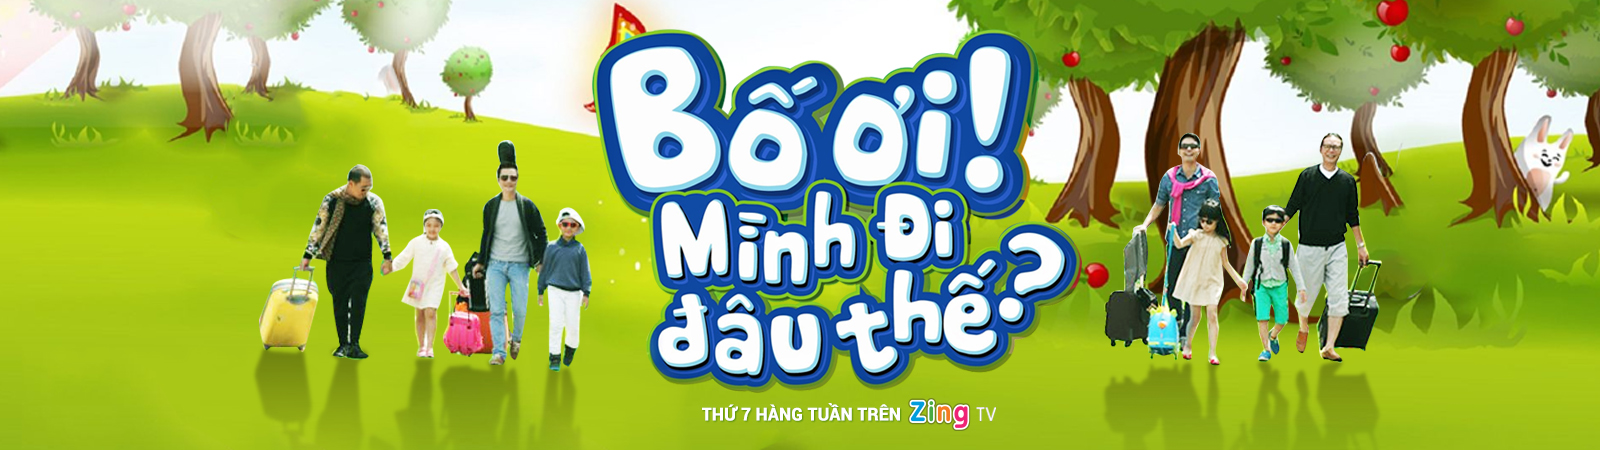 Tập 7 - Bố Ơi, Mình Đi Đâu Thế Việt Nam